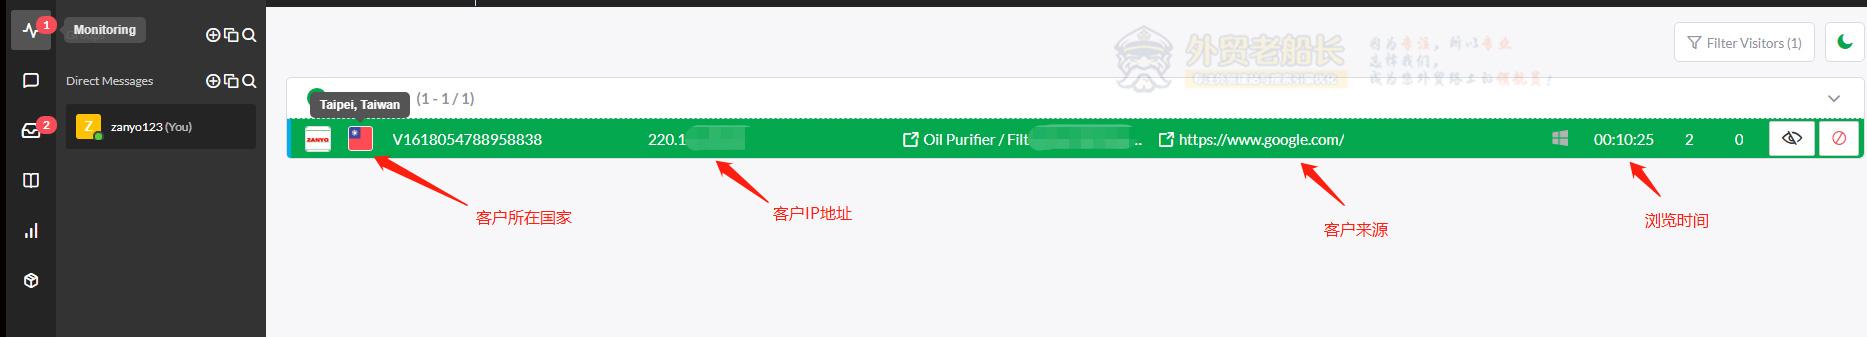 外贸网站在线聊天软件使用介绍-外贸老船长-Monitoring-01